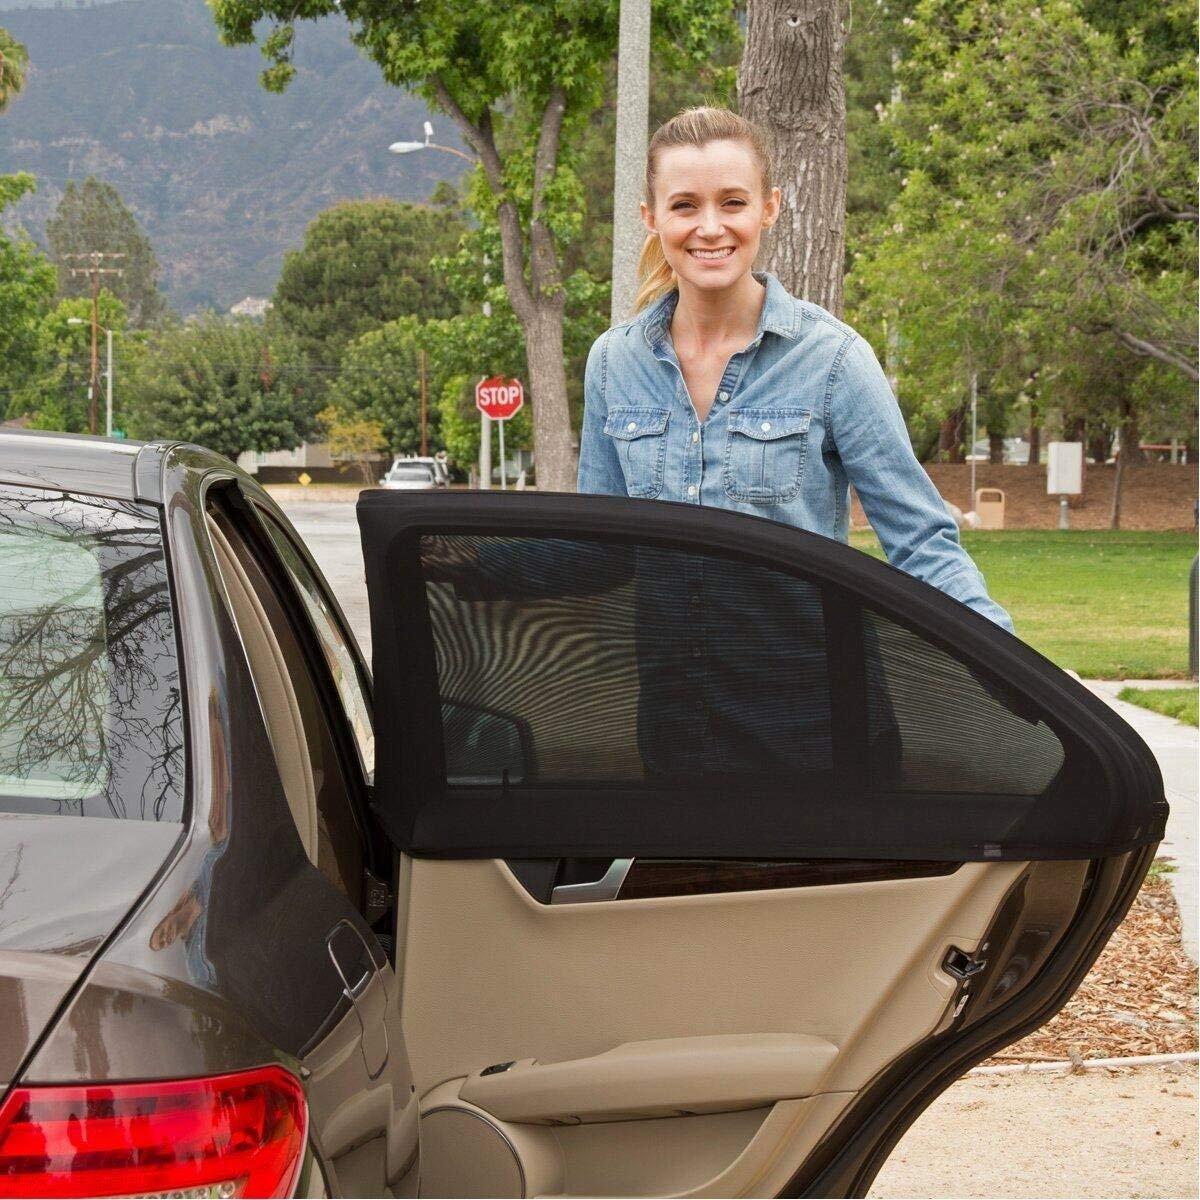 Tinabless Auto-Sonnenschutz fü r Kinder (2er-Pack), Universalpassform, mit UV-Schutz | schü tzt Haustiere und Kinder von der Sonne, passend fü r 99% aller Autos und die meisten SUVs Tinabless Direct